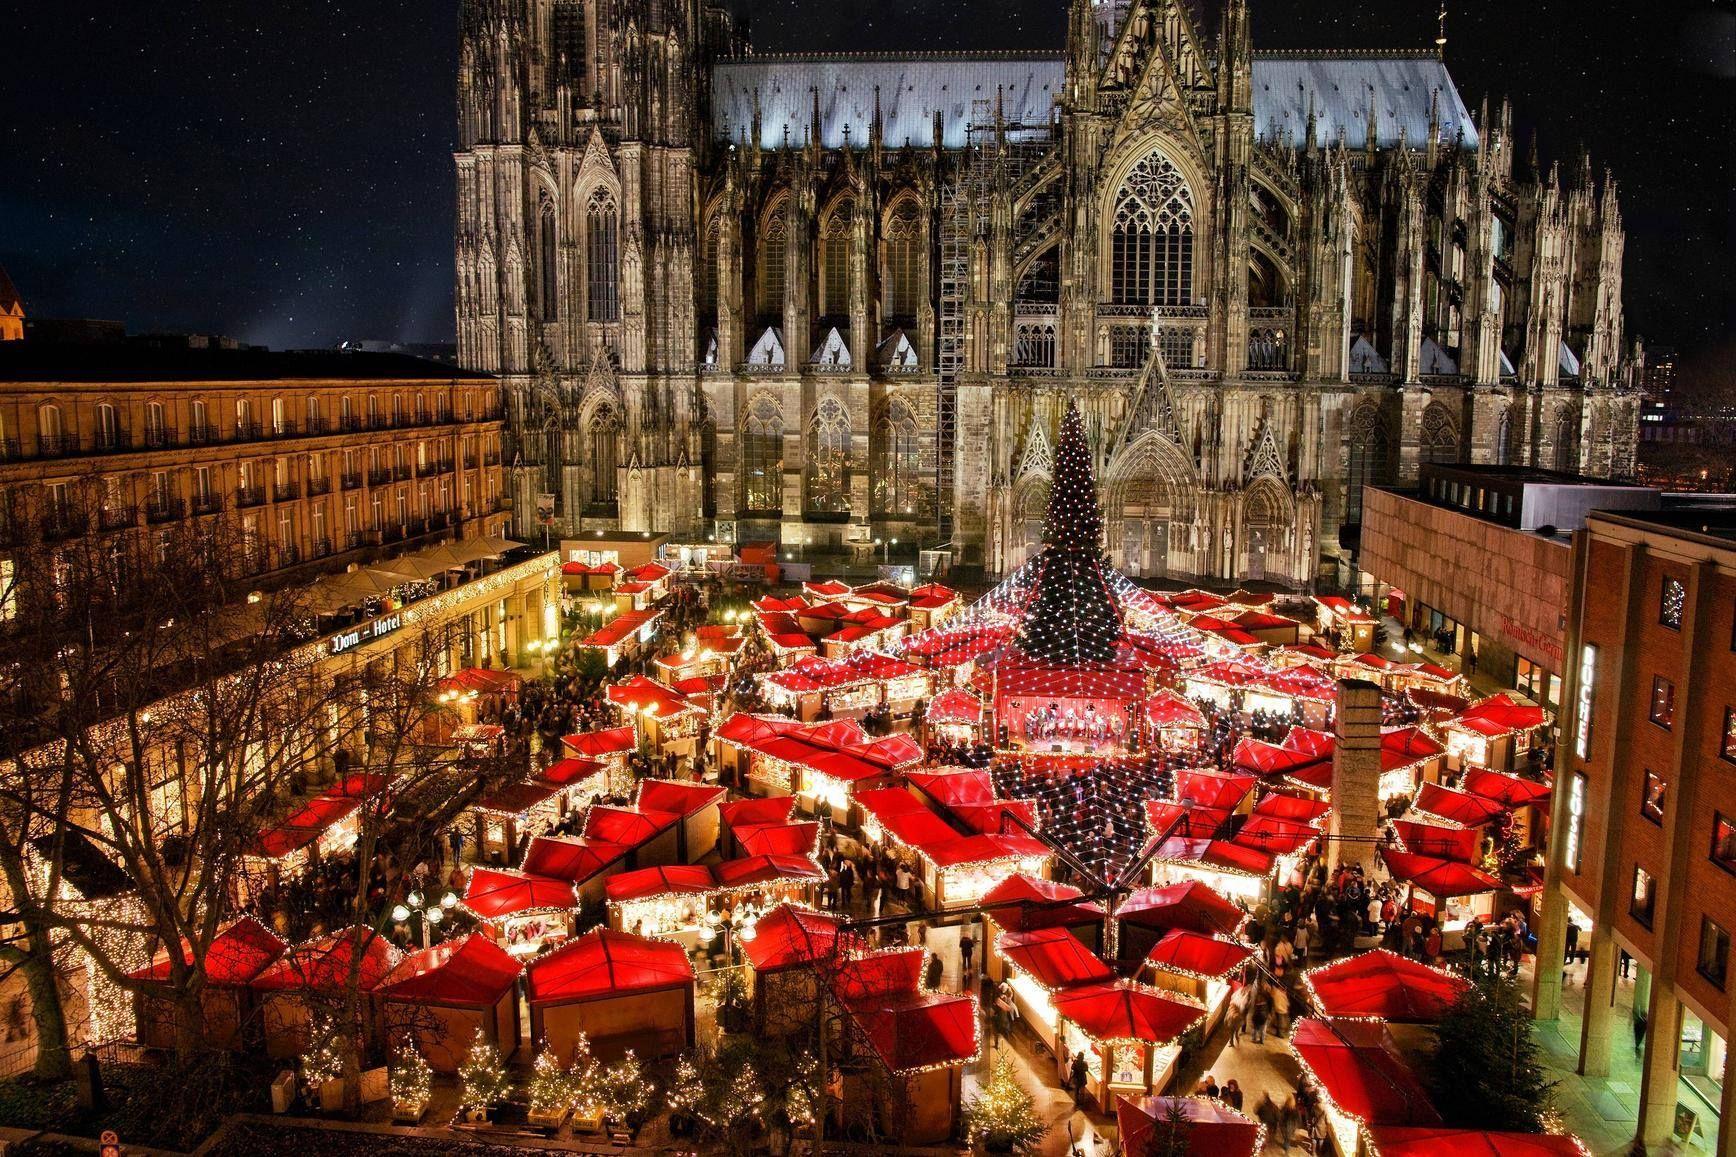 Weihnachtsmarkt In Koln Nordrhein Westfalen Christmas Market Christmas In Germany German Christmas Markets